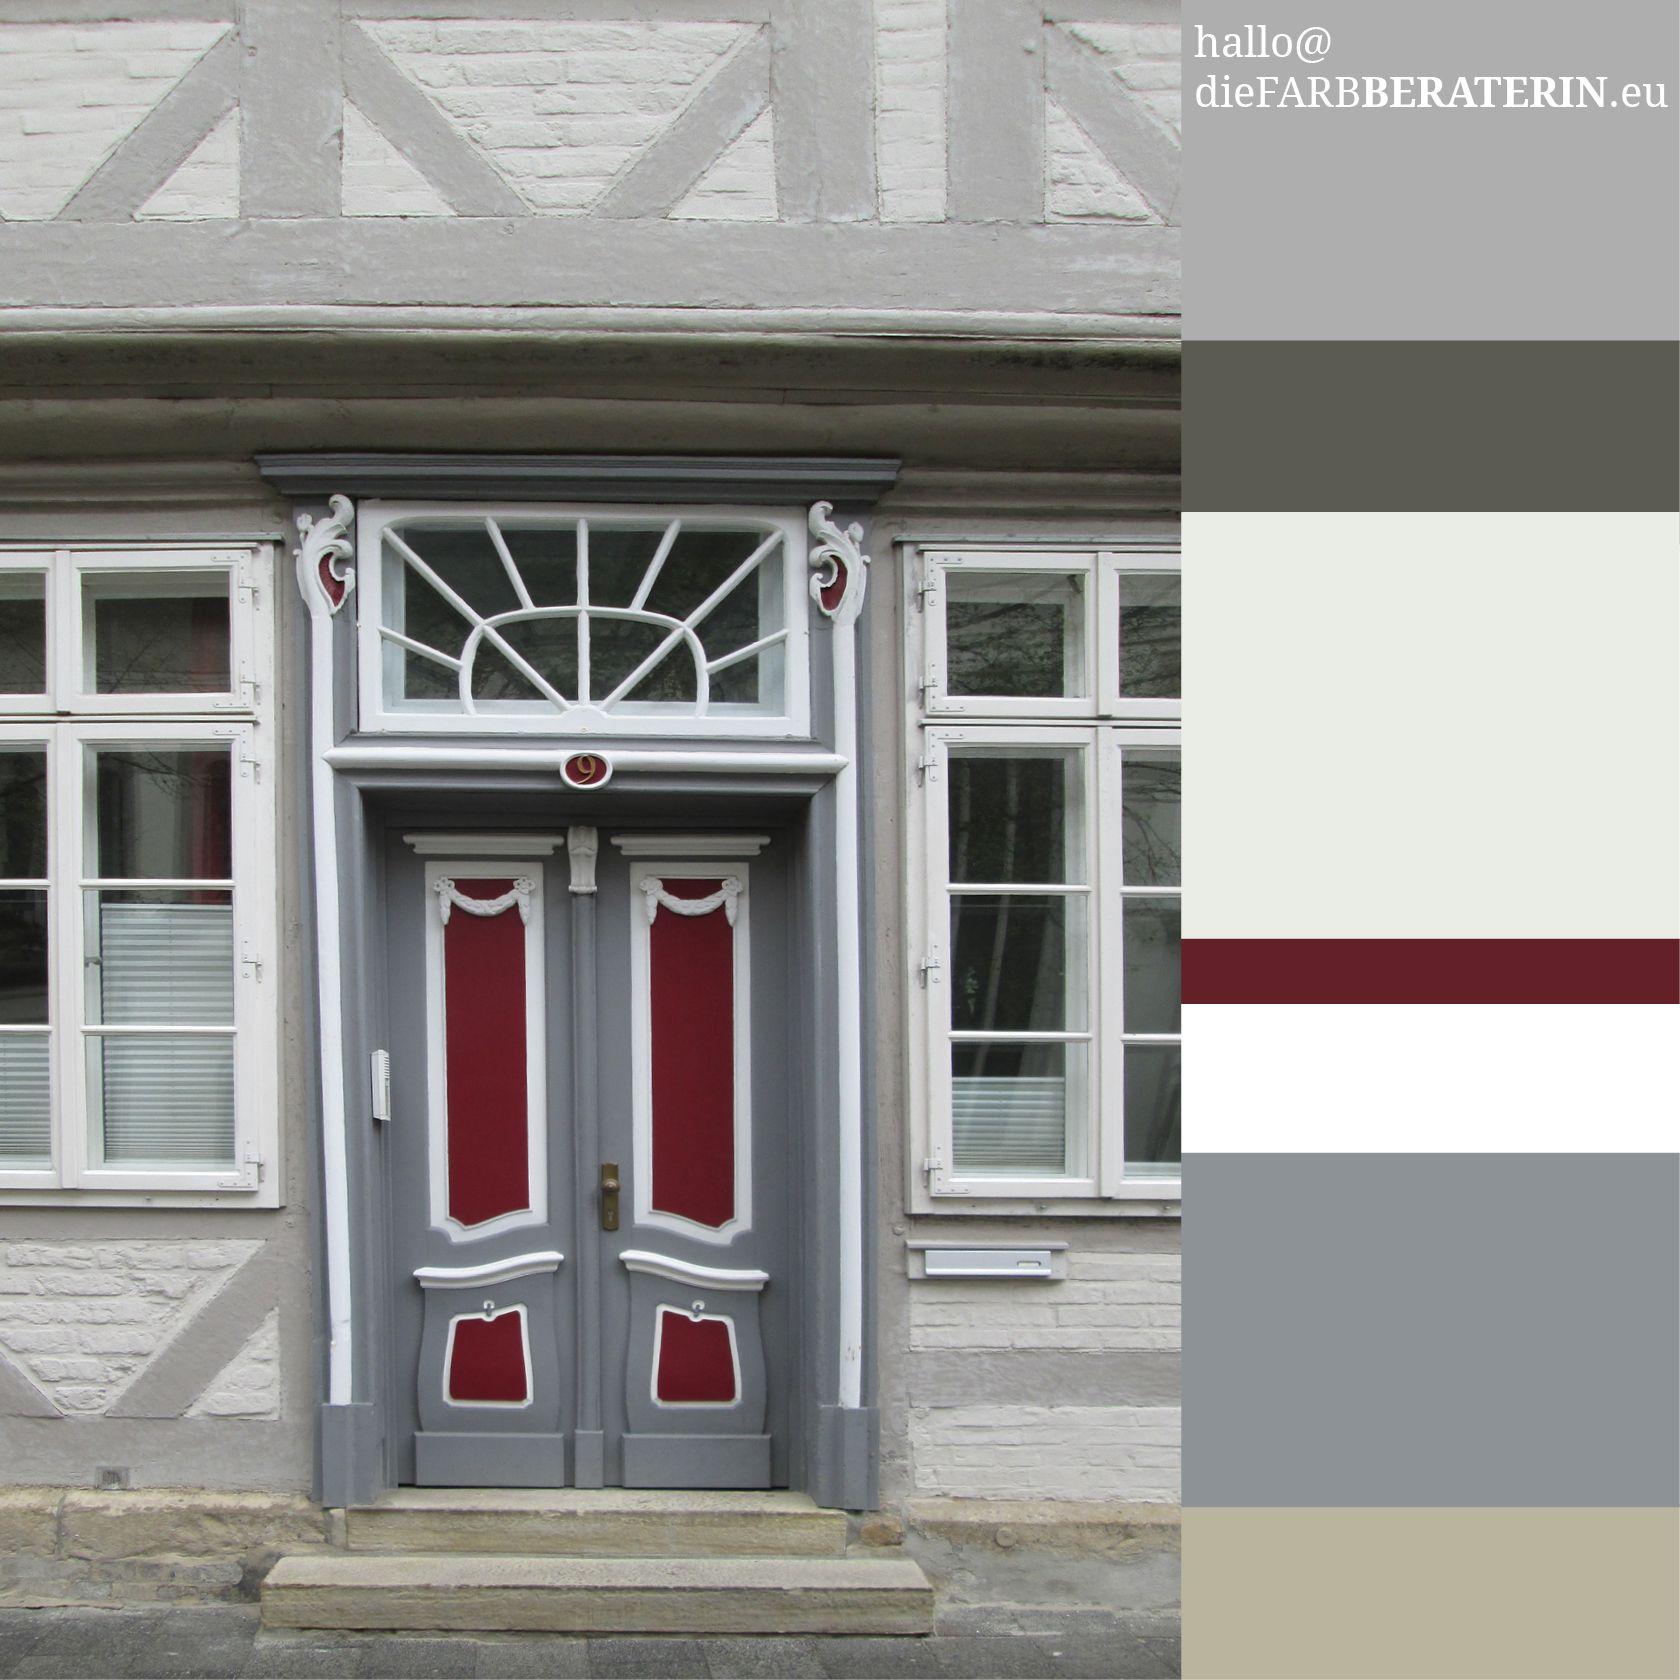 Hervorragend farbinspiration #haustür #fachwerkhaus #celle #eingang VP94